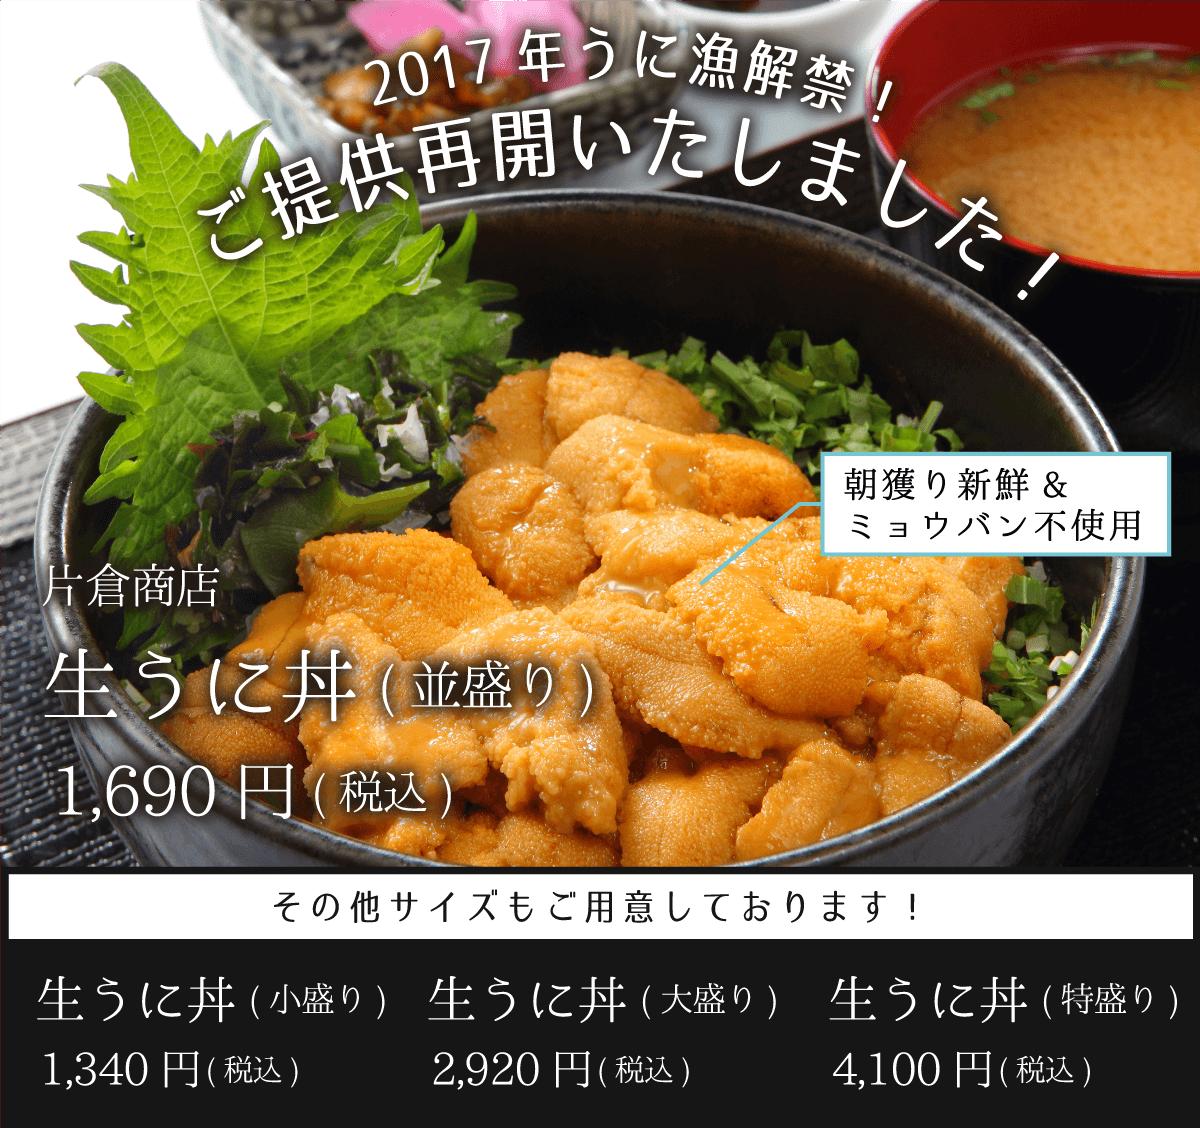 片倉商店 2017年生うに丼提供再開! 並盛り 1,690円 小盛り・大盛り・特盛りも